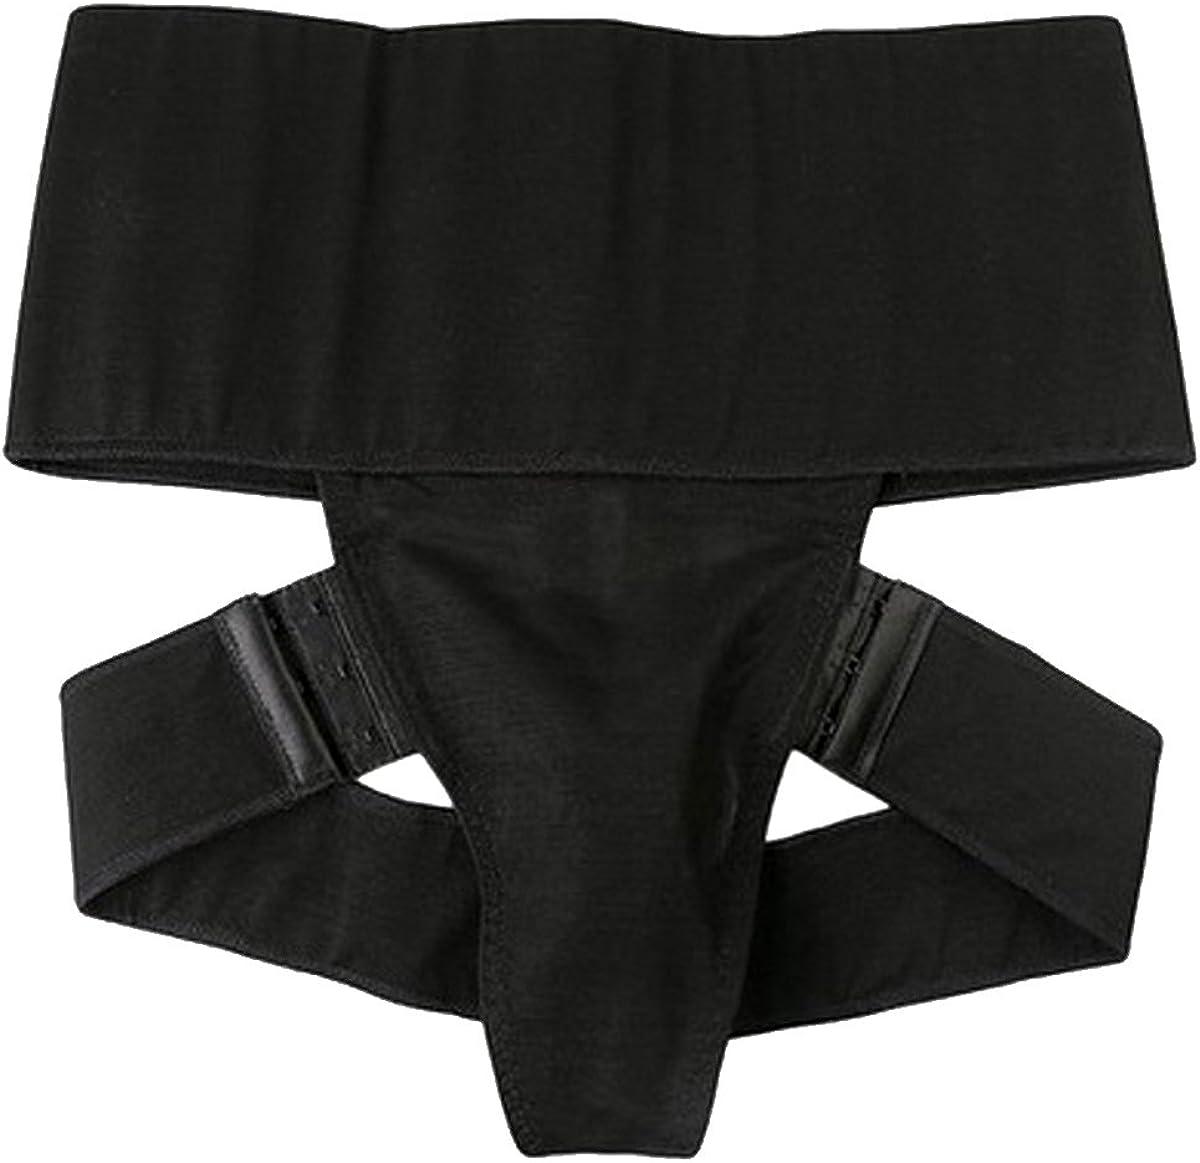 Women BRAZILIAN Butt Lifter Booty Panty Lift Up Booster Body Shaper Hip Enhancer